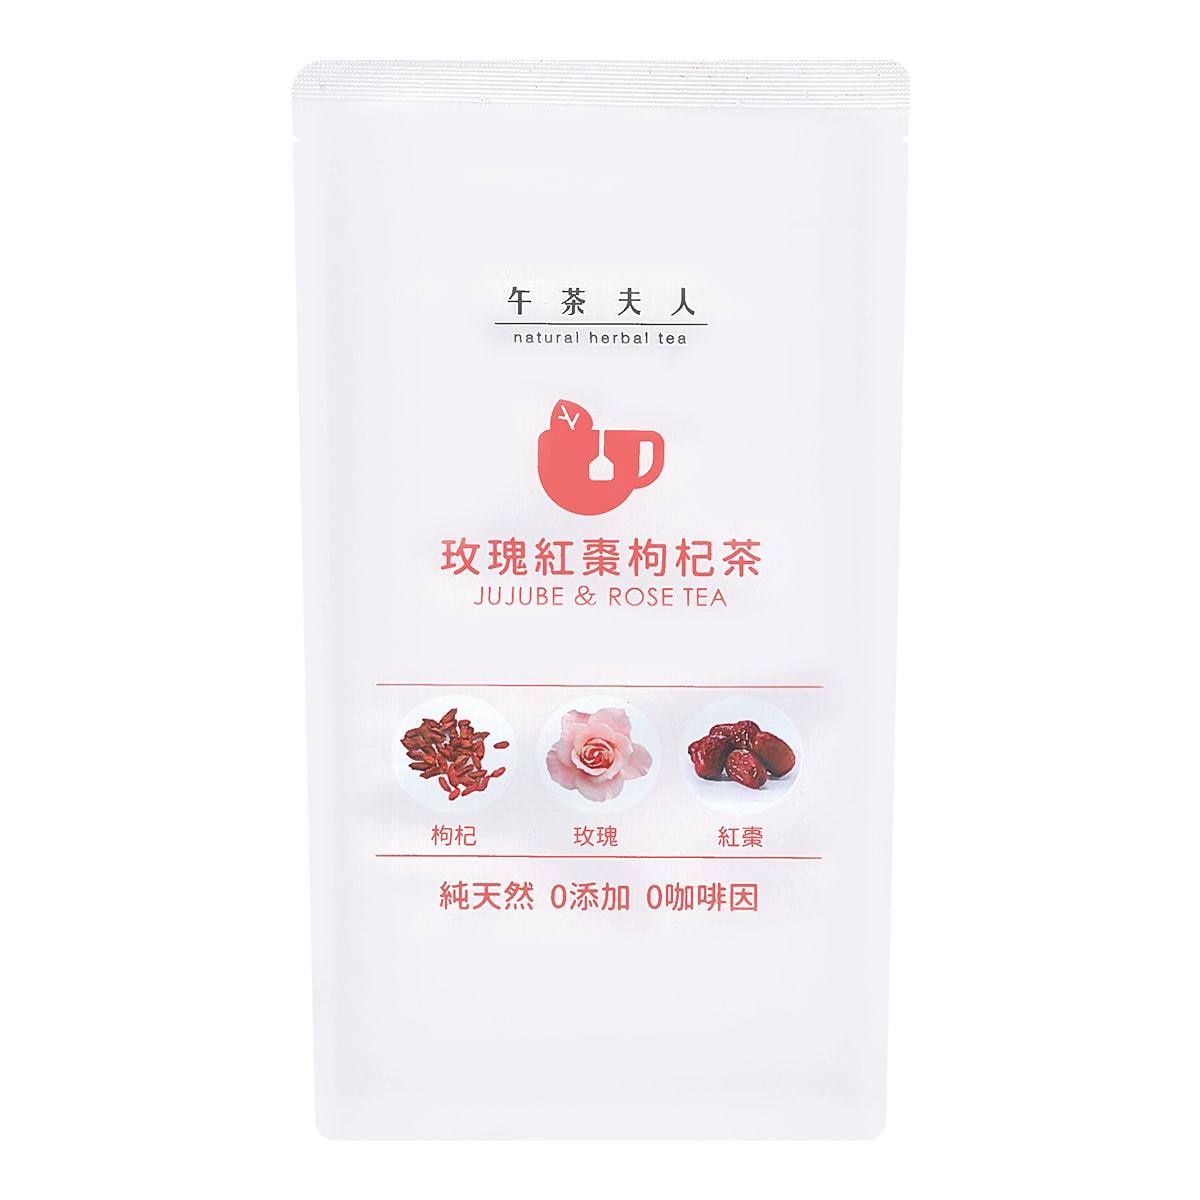 台湾午茶夫人 玫瑰红枣枸杞茶 10包入 40g